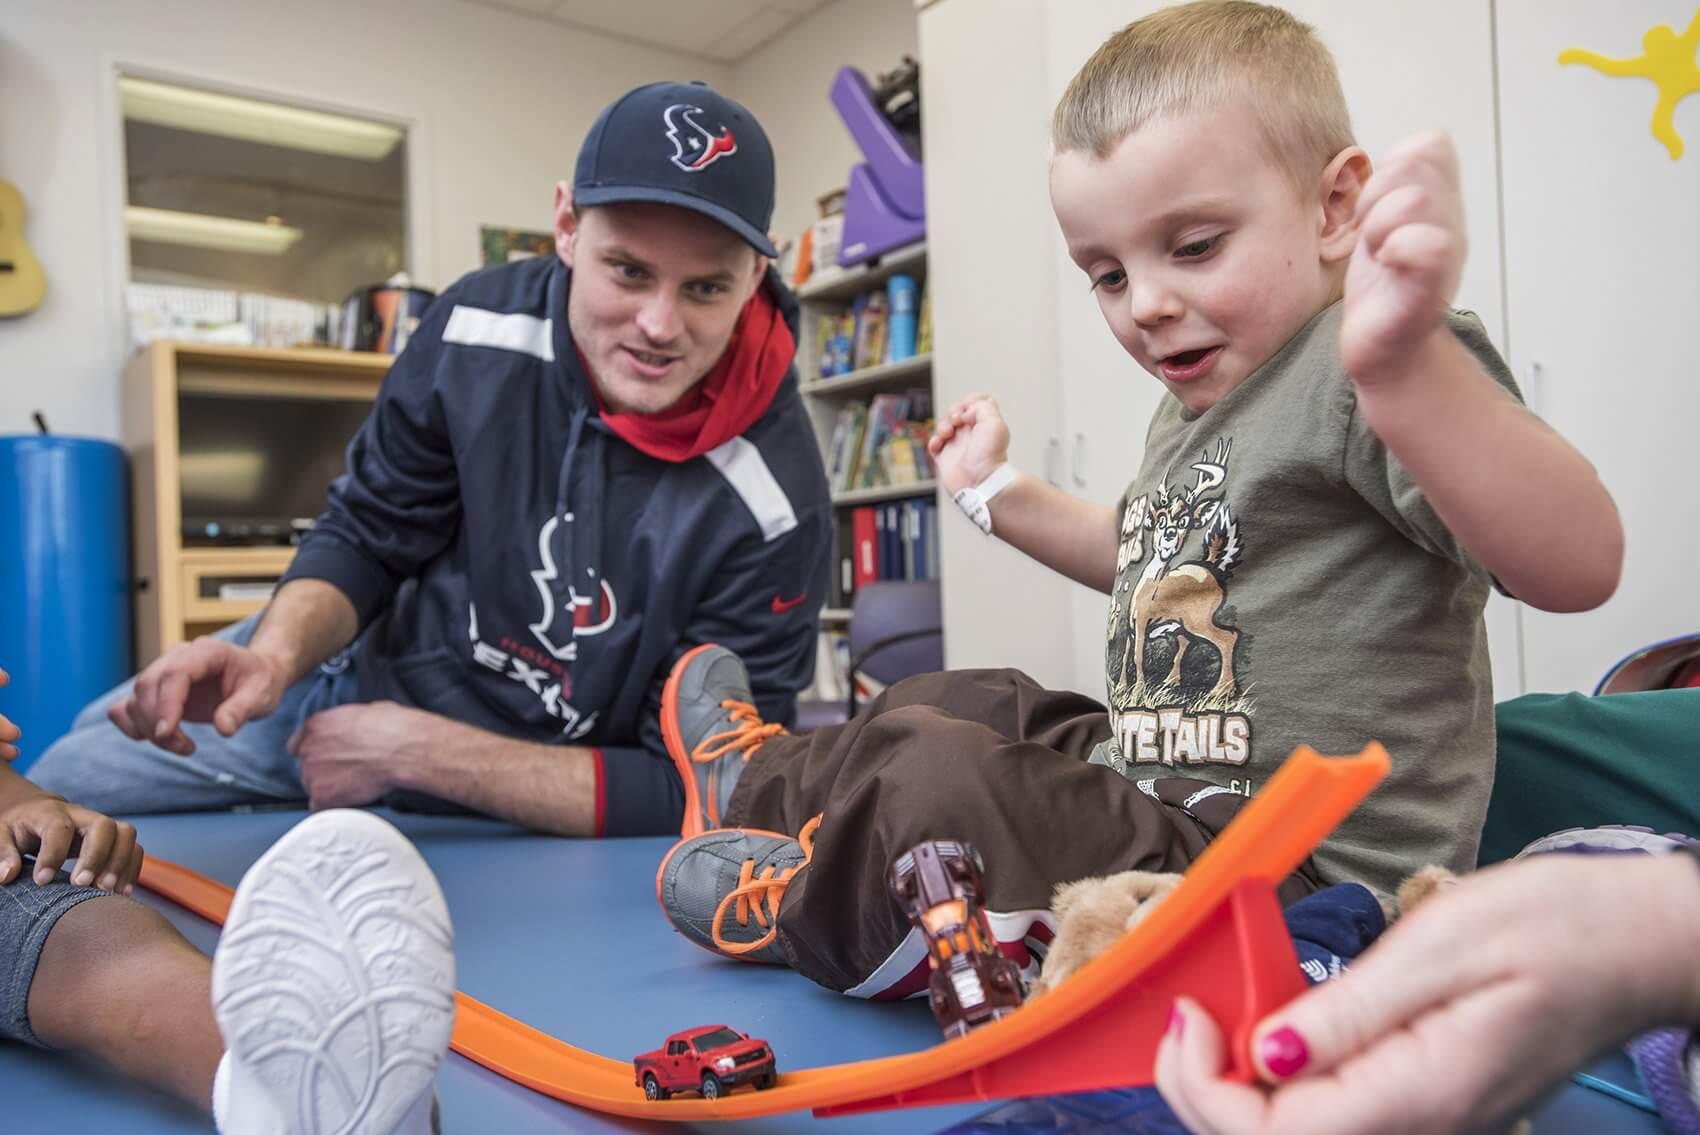 Braydon Nelson demonstrates his race car skills for Texans quarterback Ryan Mallett. (Credit: Allen S. Kramer/Texas Children's Hospital)